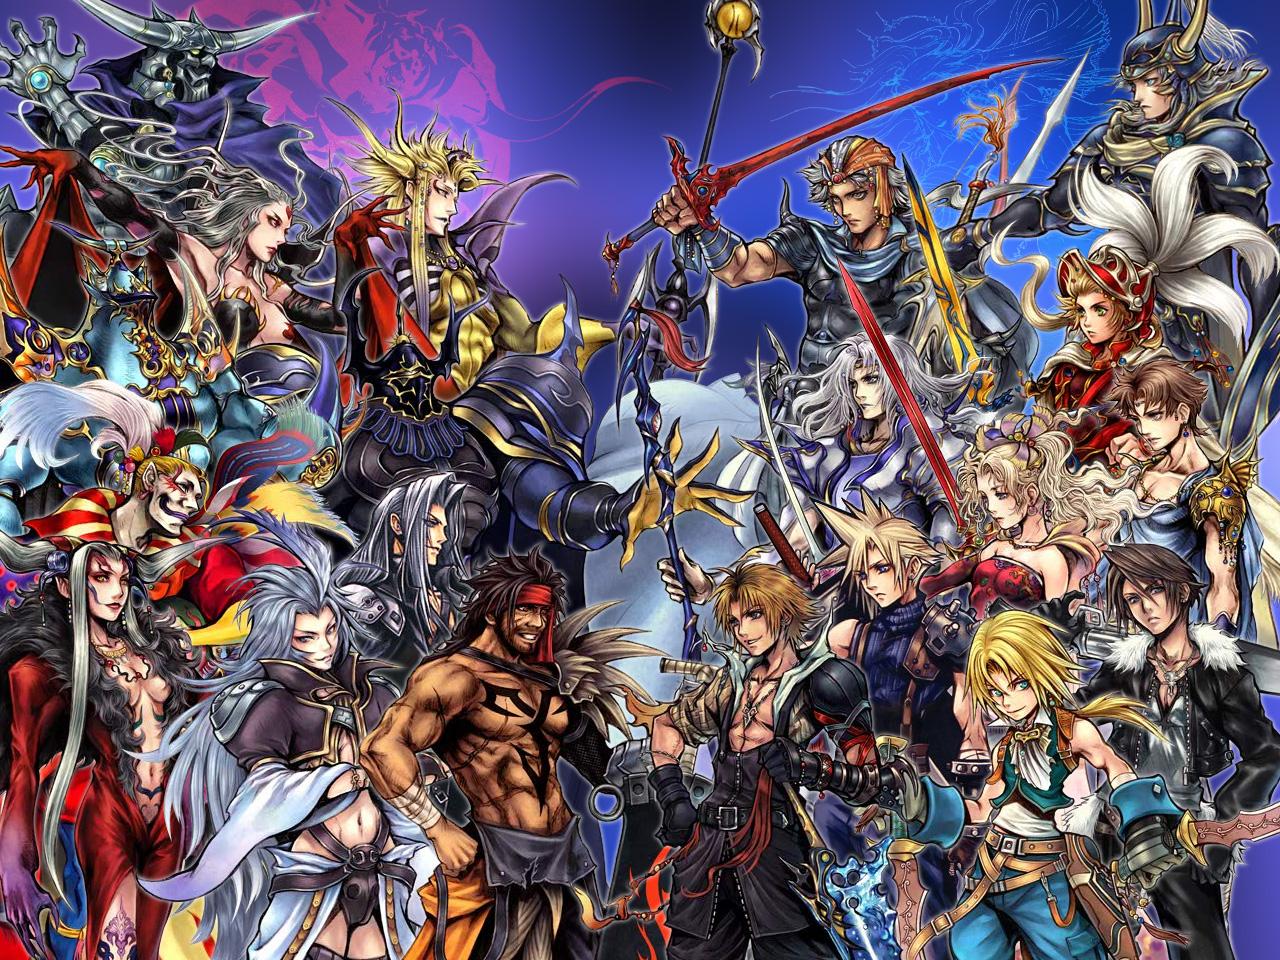 Resultado de imagem para final fantasy series